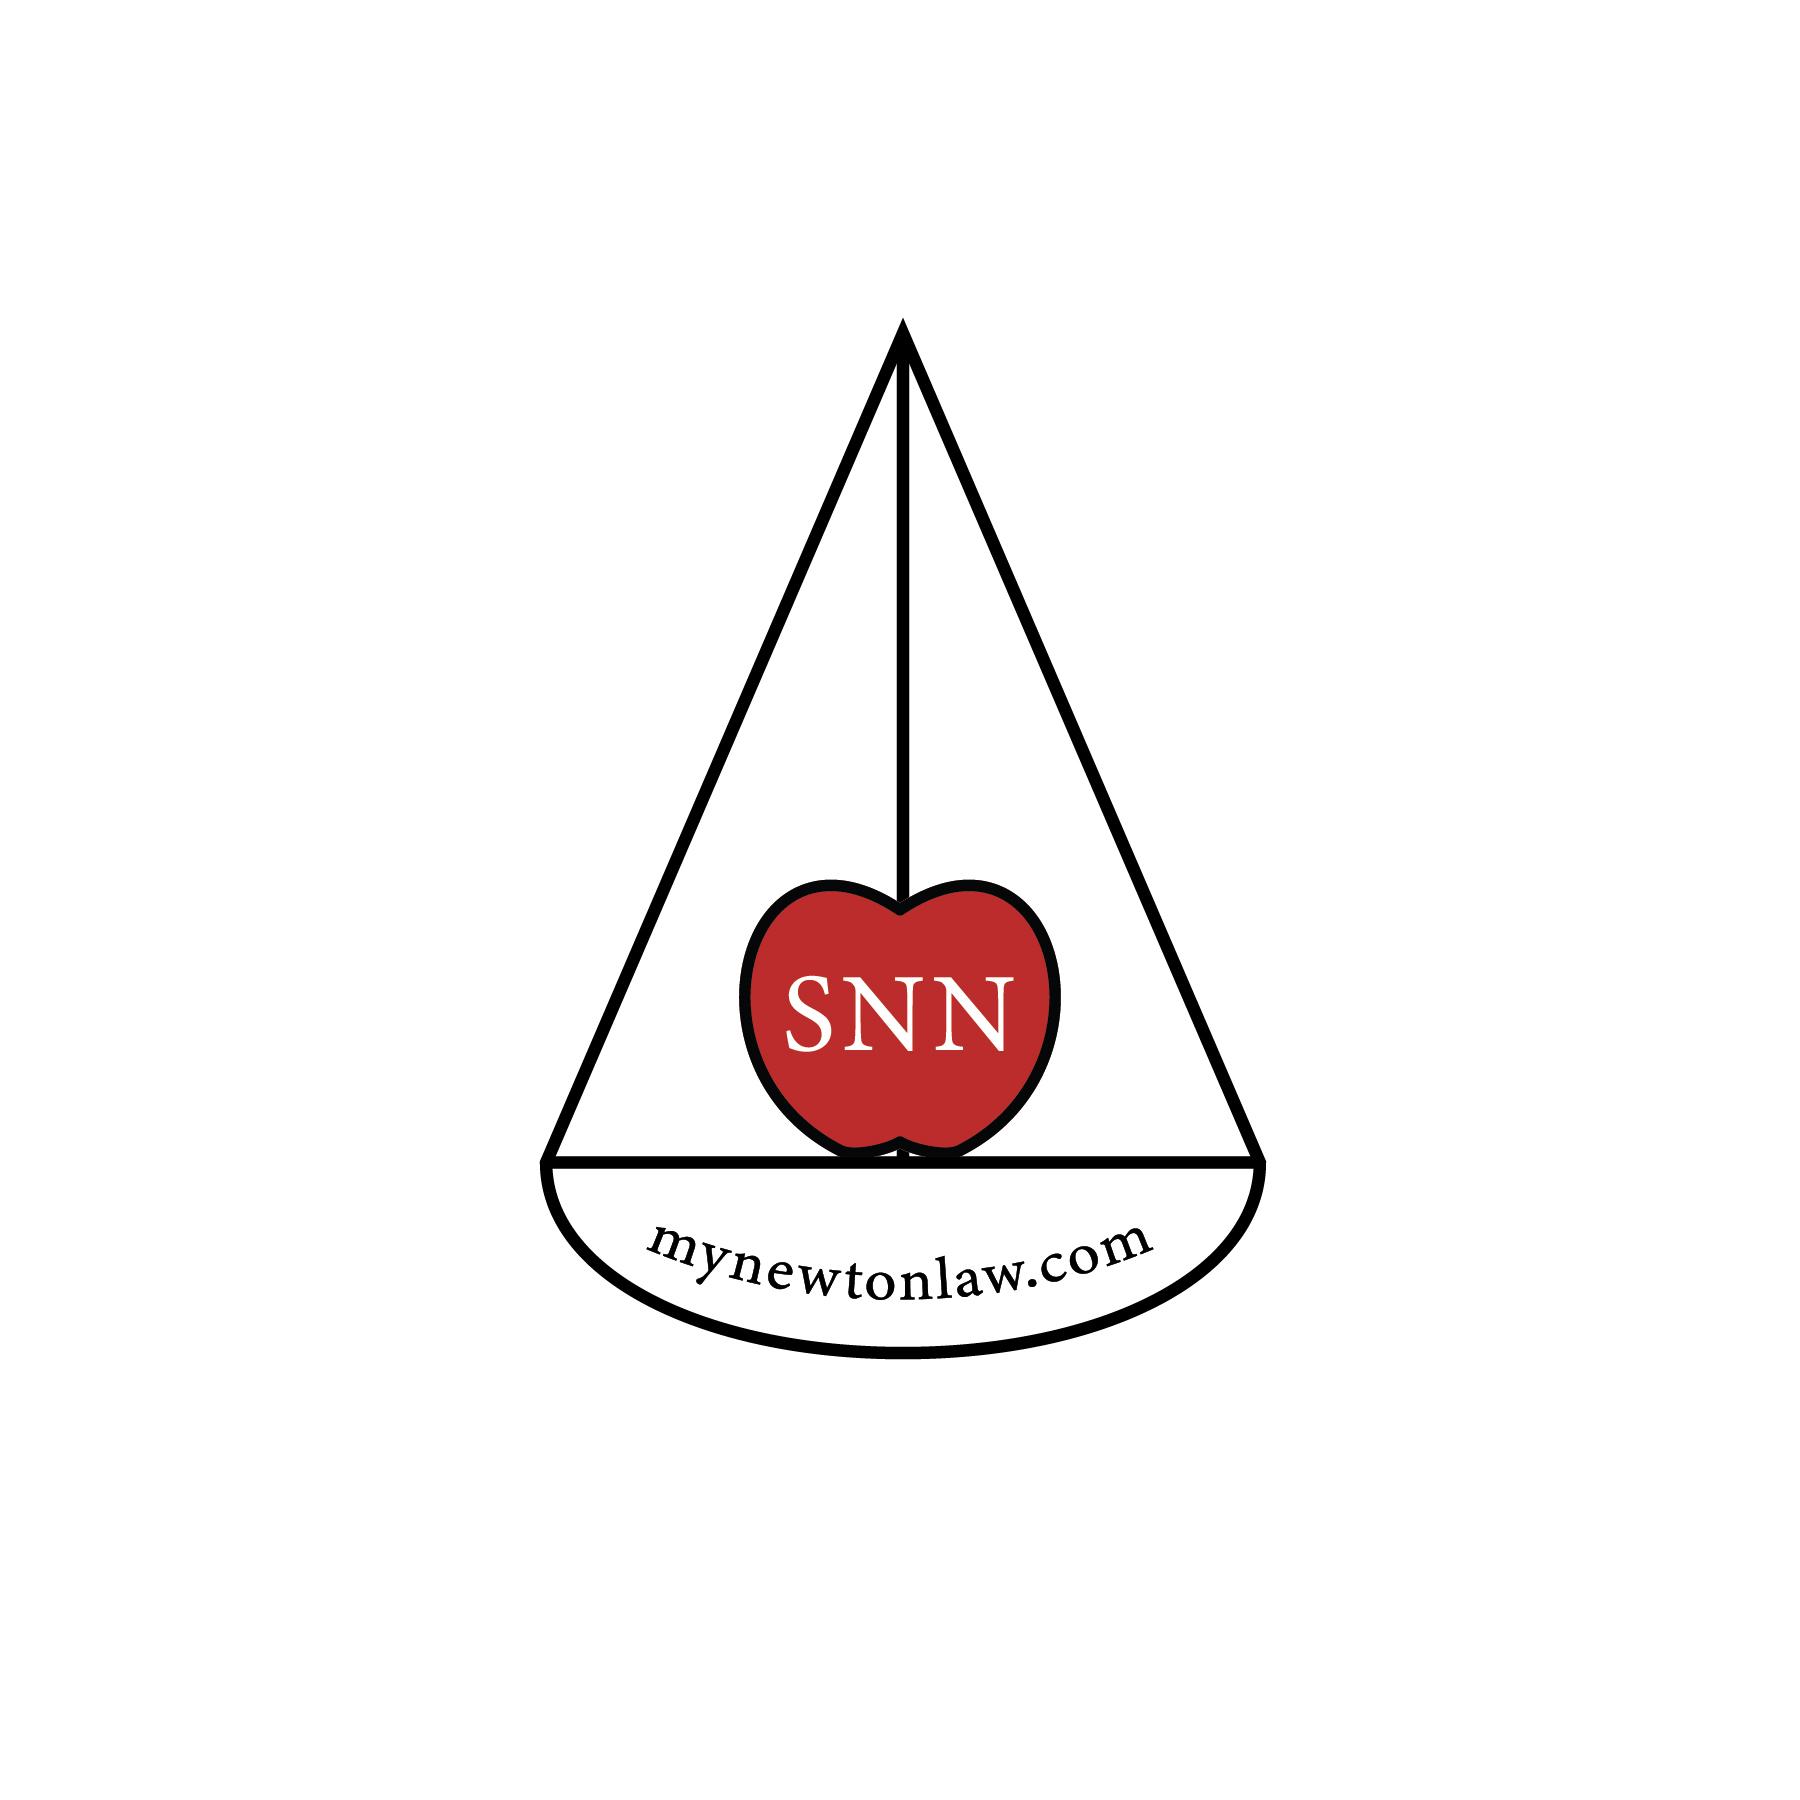 snn_SNN-Plain